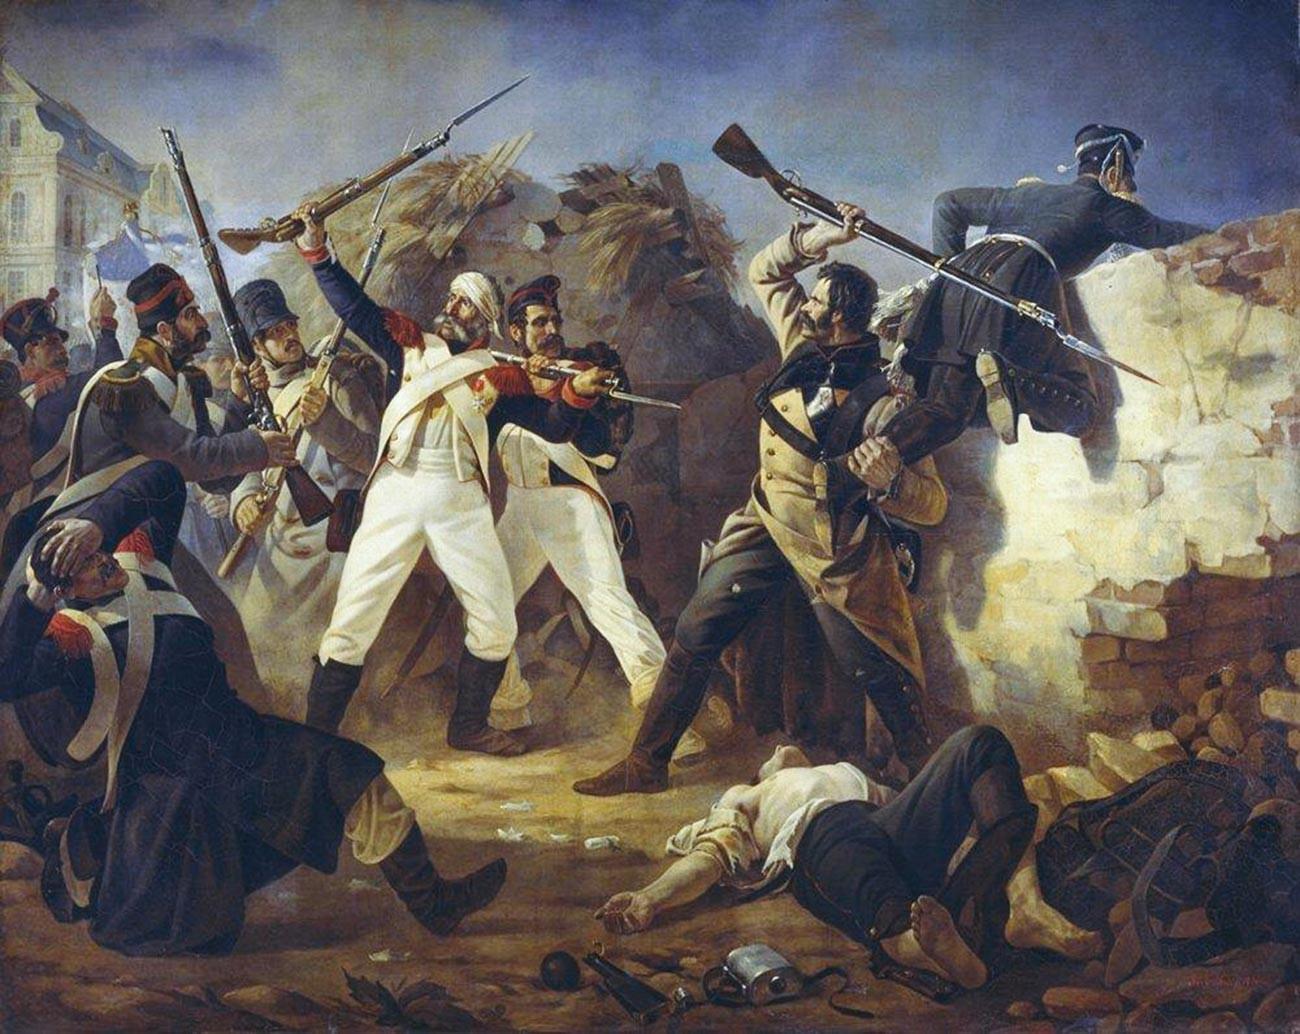 Das Kunststück des Grenadiers der Rettungsschwimmer des finnischen Regiments Leontij Korennoj in der Schlacht von Leipzig 1813.